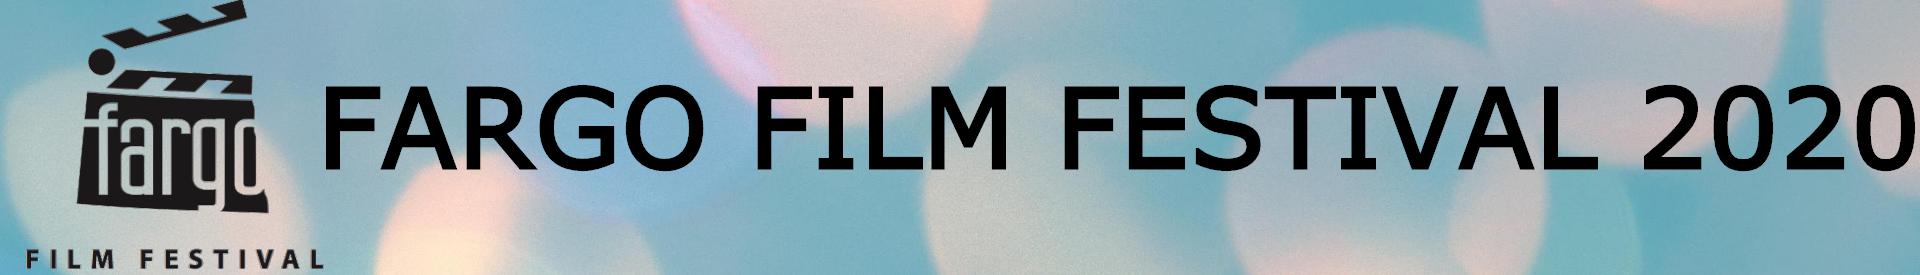 2020 Fargo Film Festival